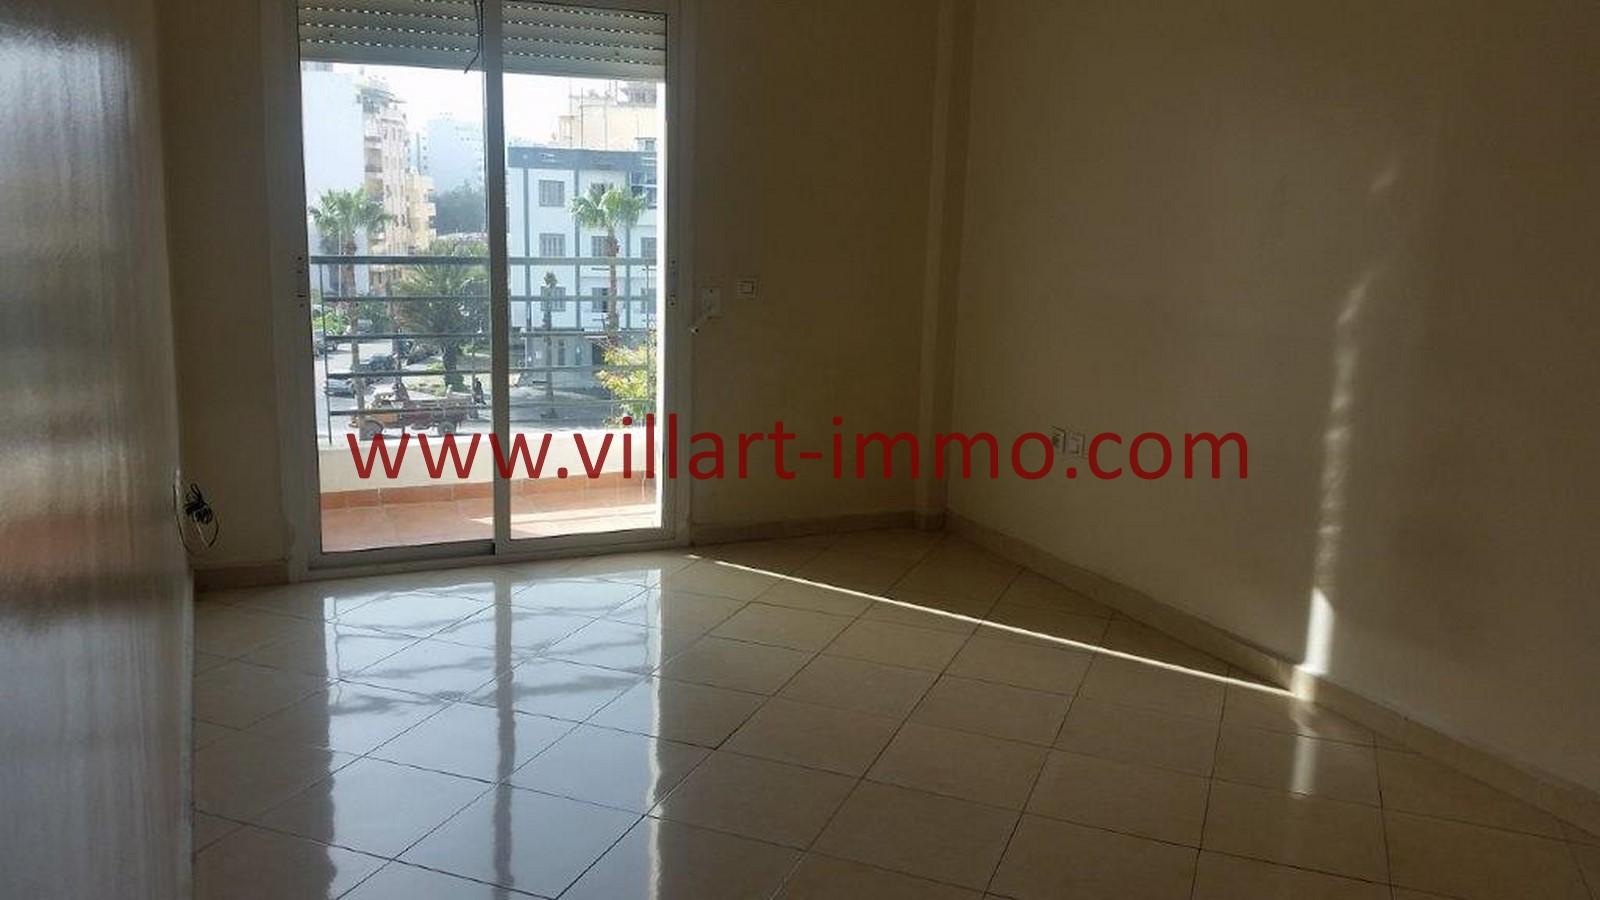 11-A louer-Tanger-Appartement-Non meublée-Centre ville-Chambre-L1029